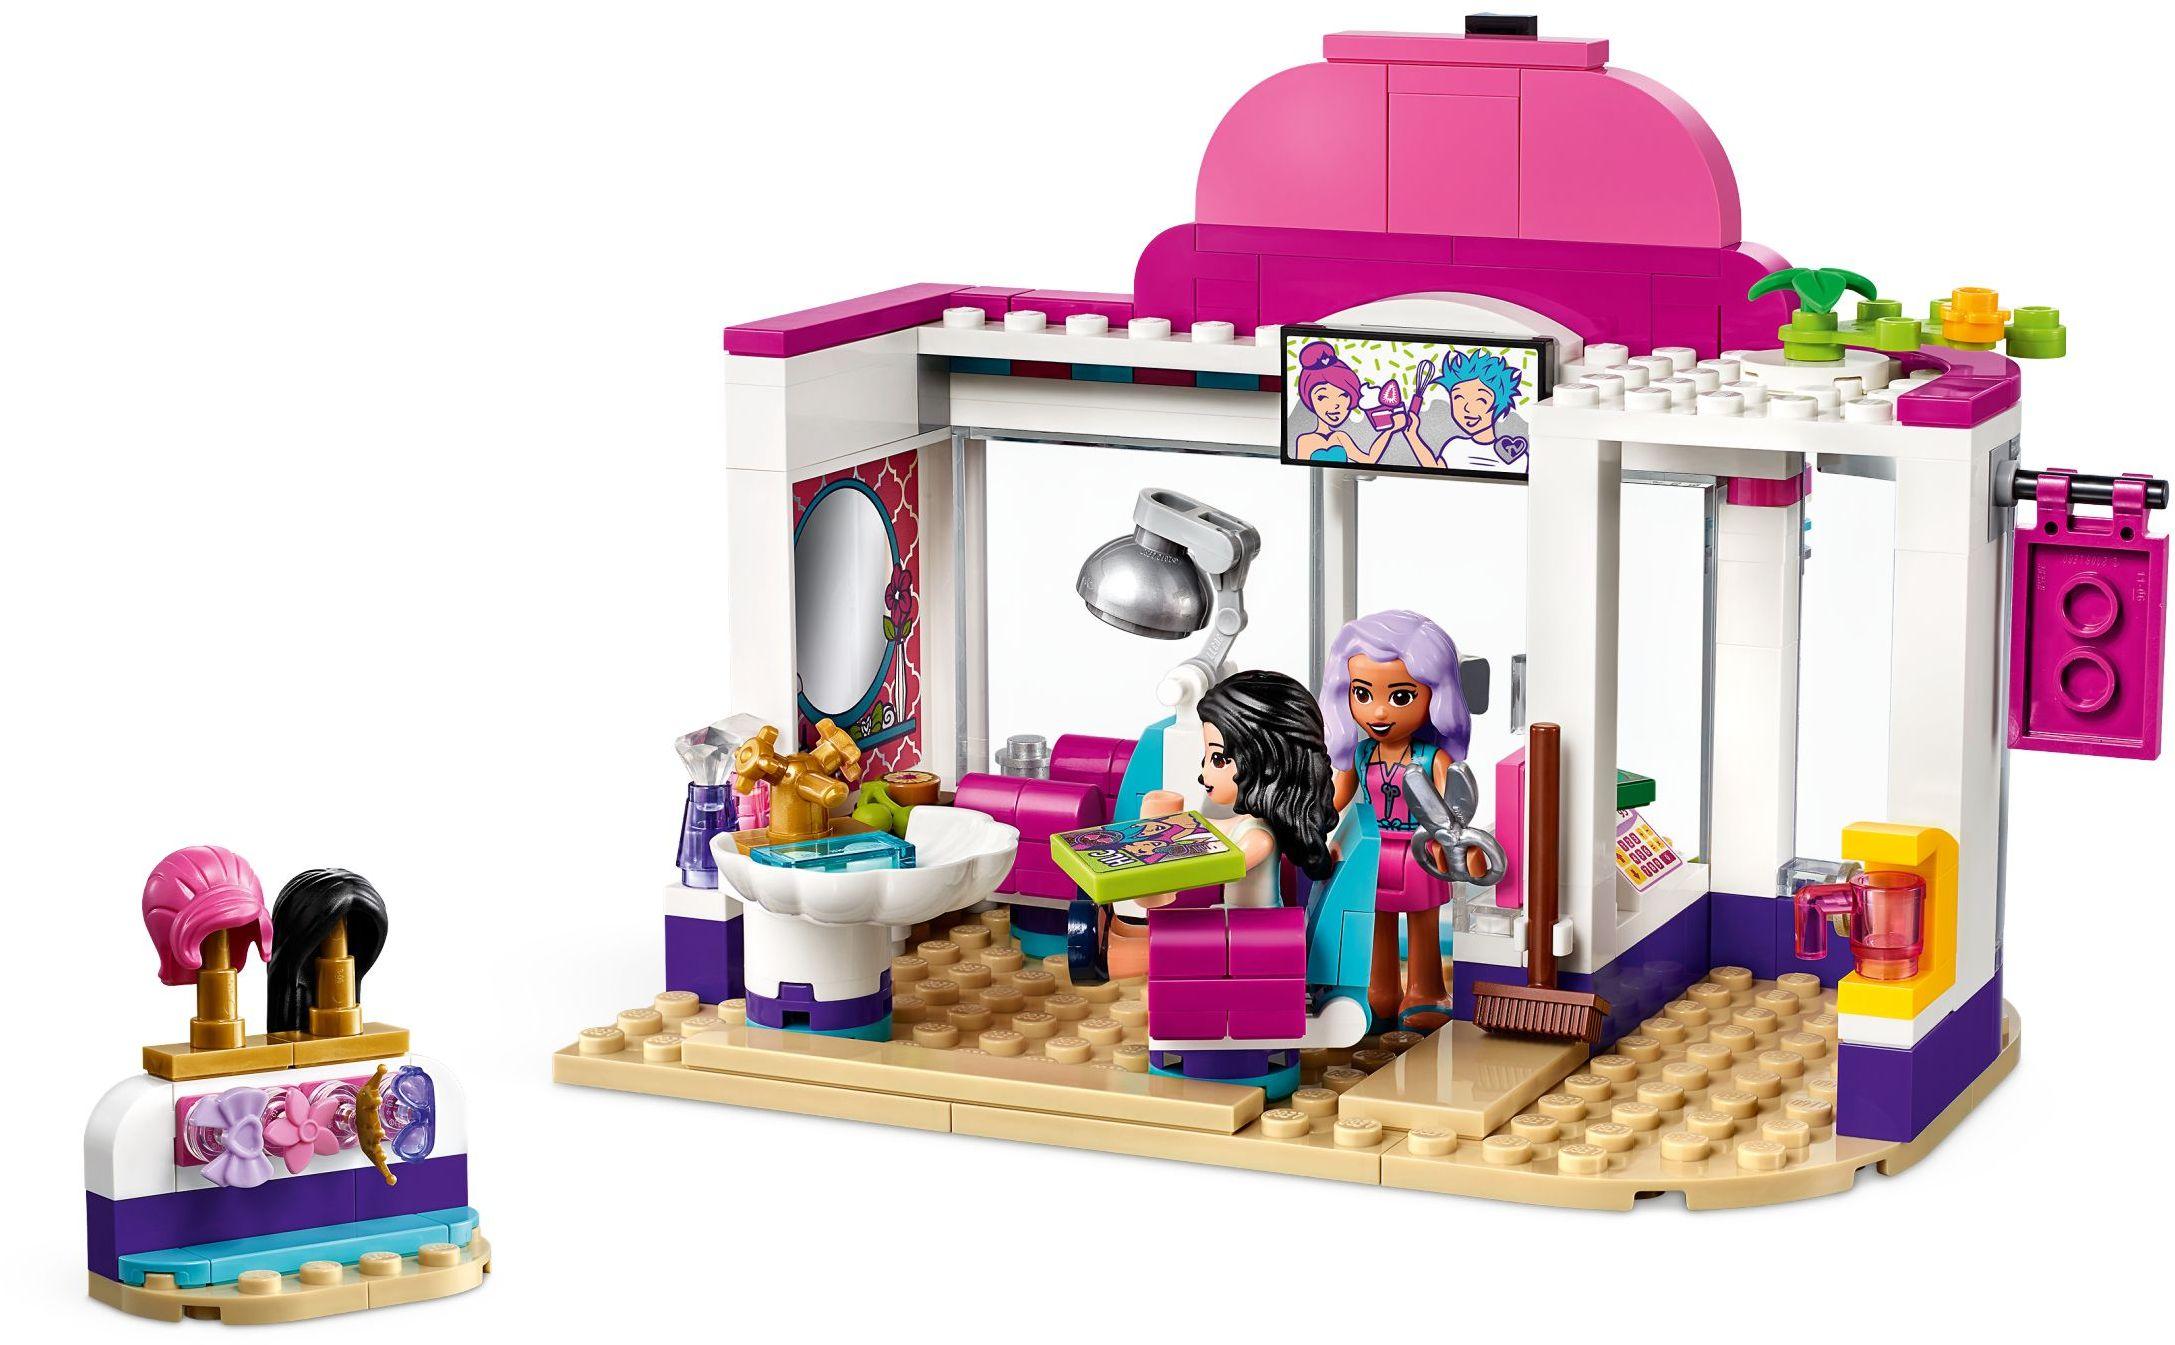 Лего френдс картинки с ценой